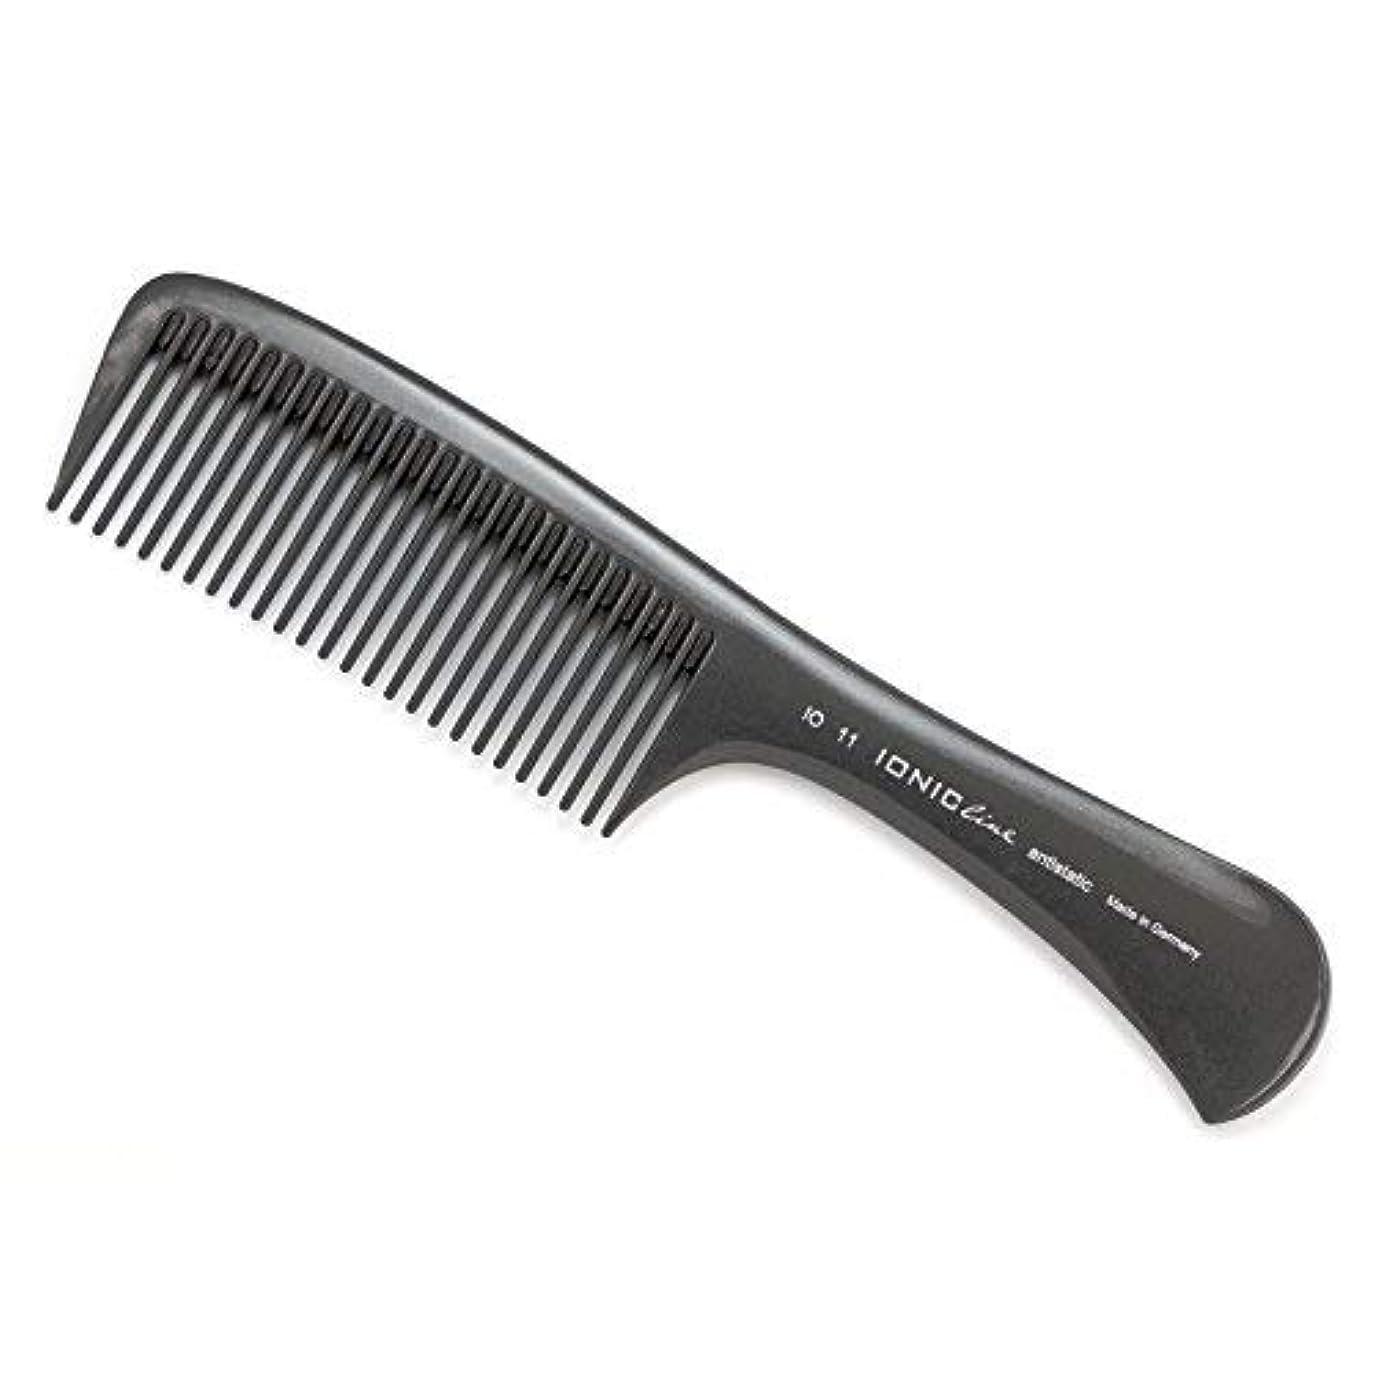 ネスト矩形利益Hercules S?gemann IONIC Line Handle Comb, Big Working Comb | Ionized Thermoplastic - Made in Germany [並行輸入品]